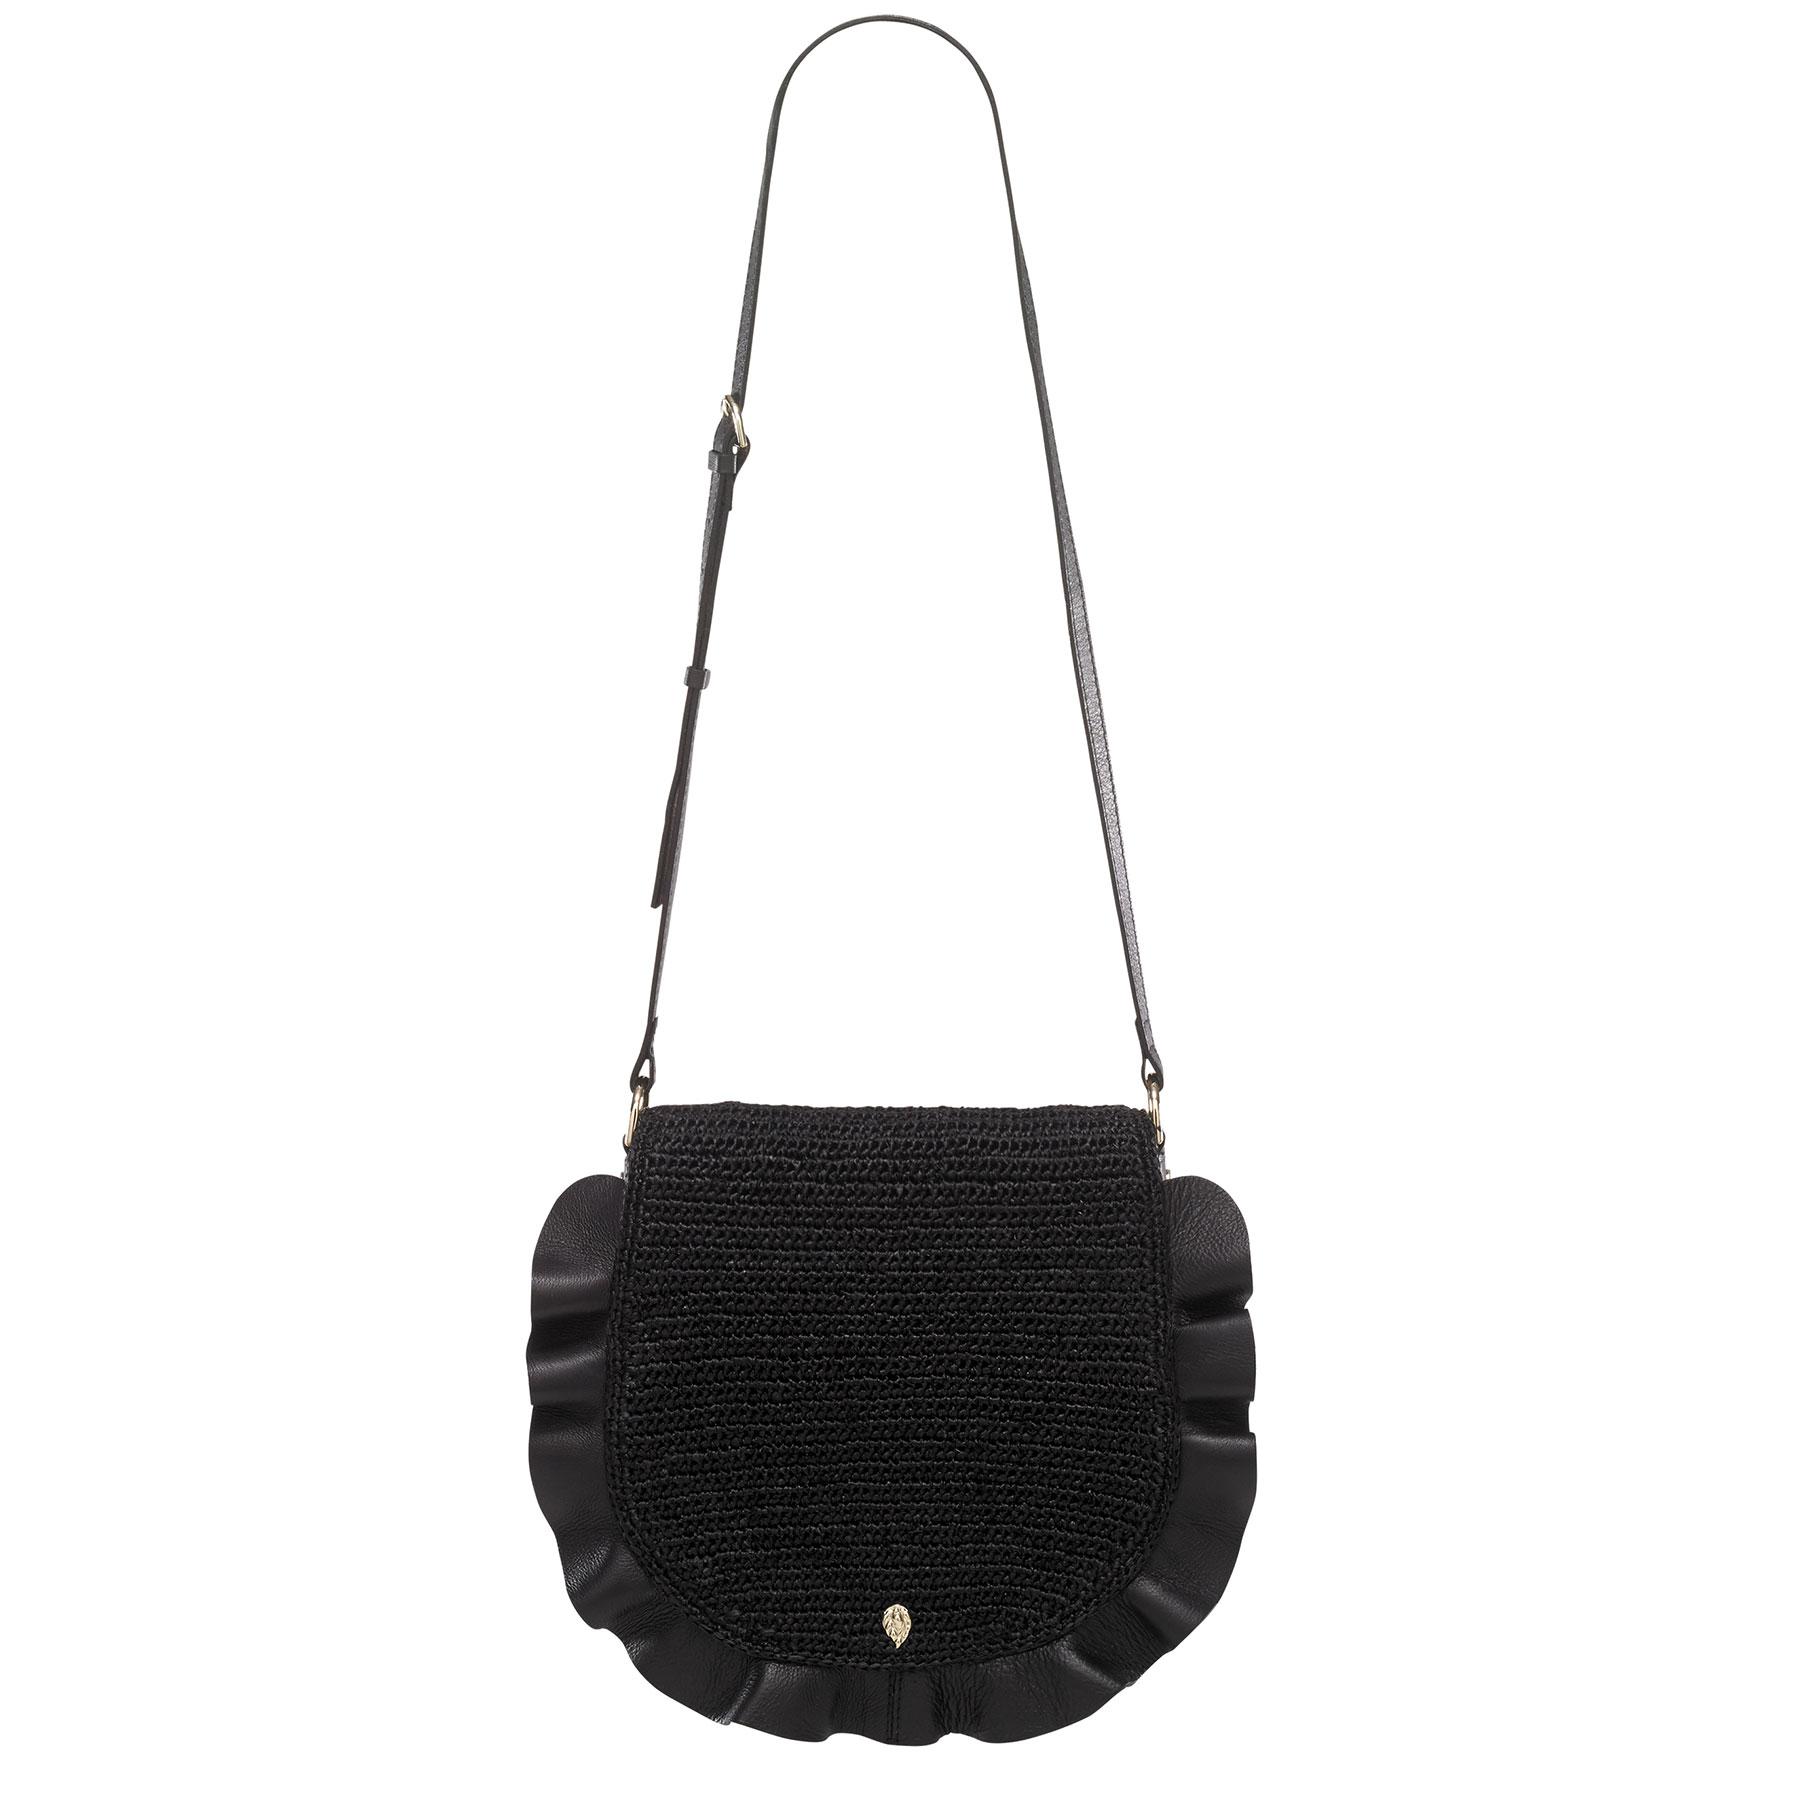 Helen Kaminski Andalusia Saddle Bag in Charcoal,Black